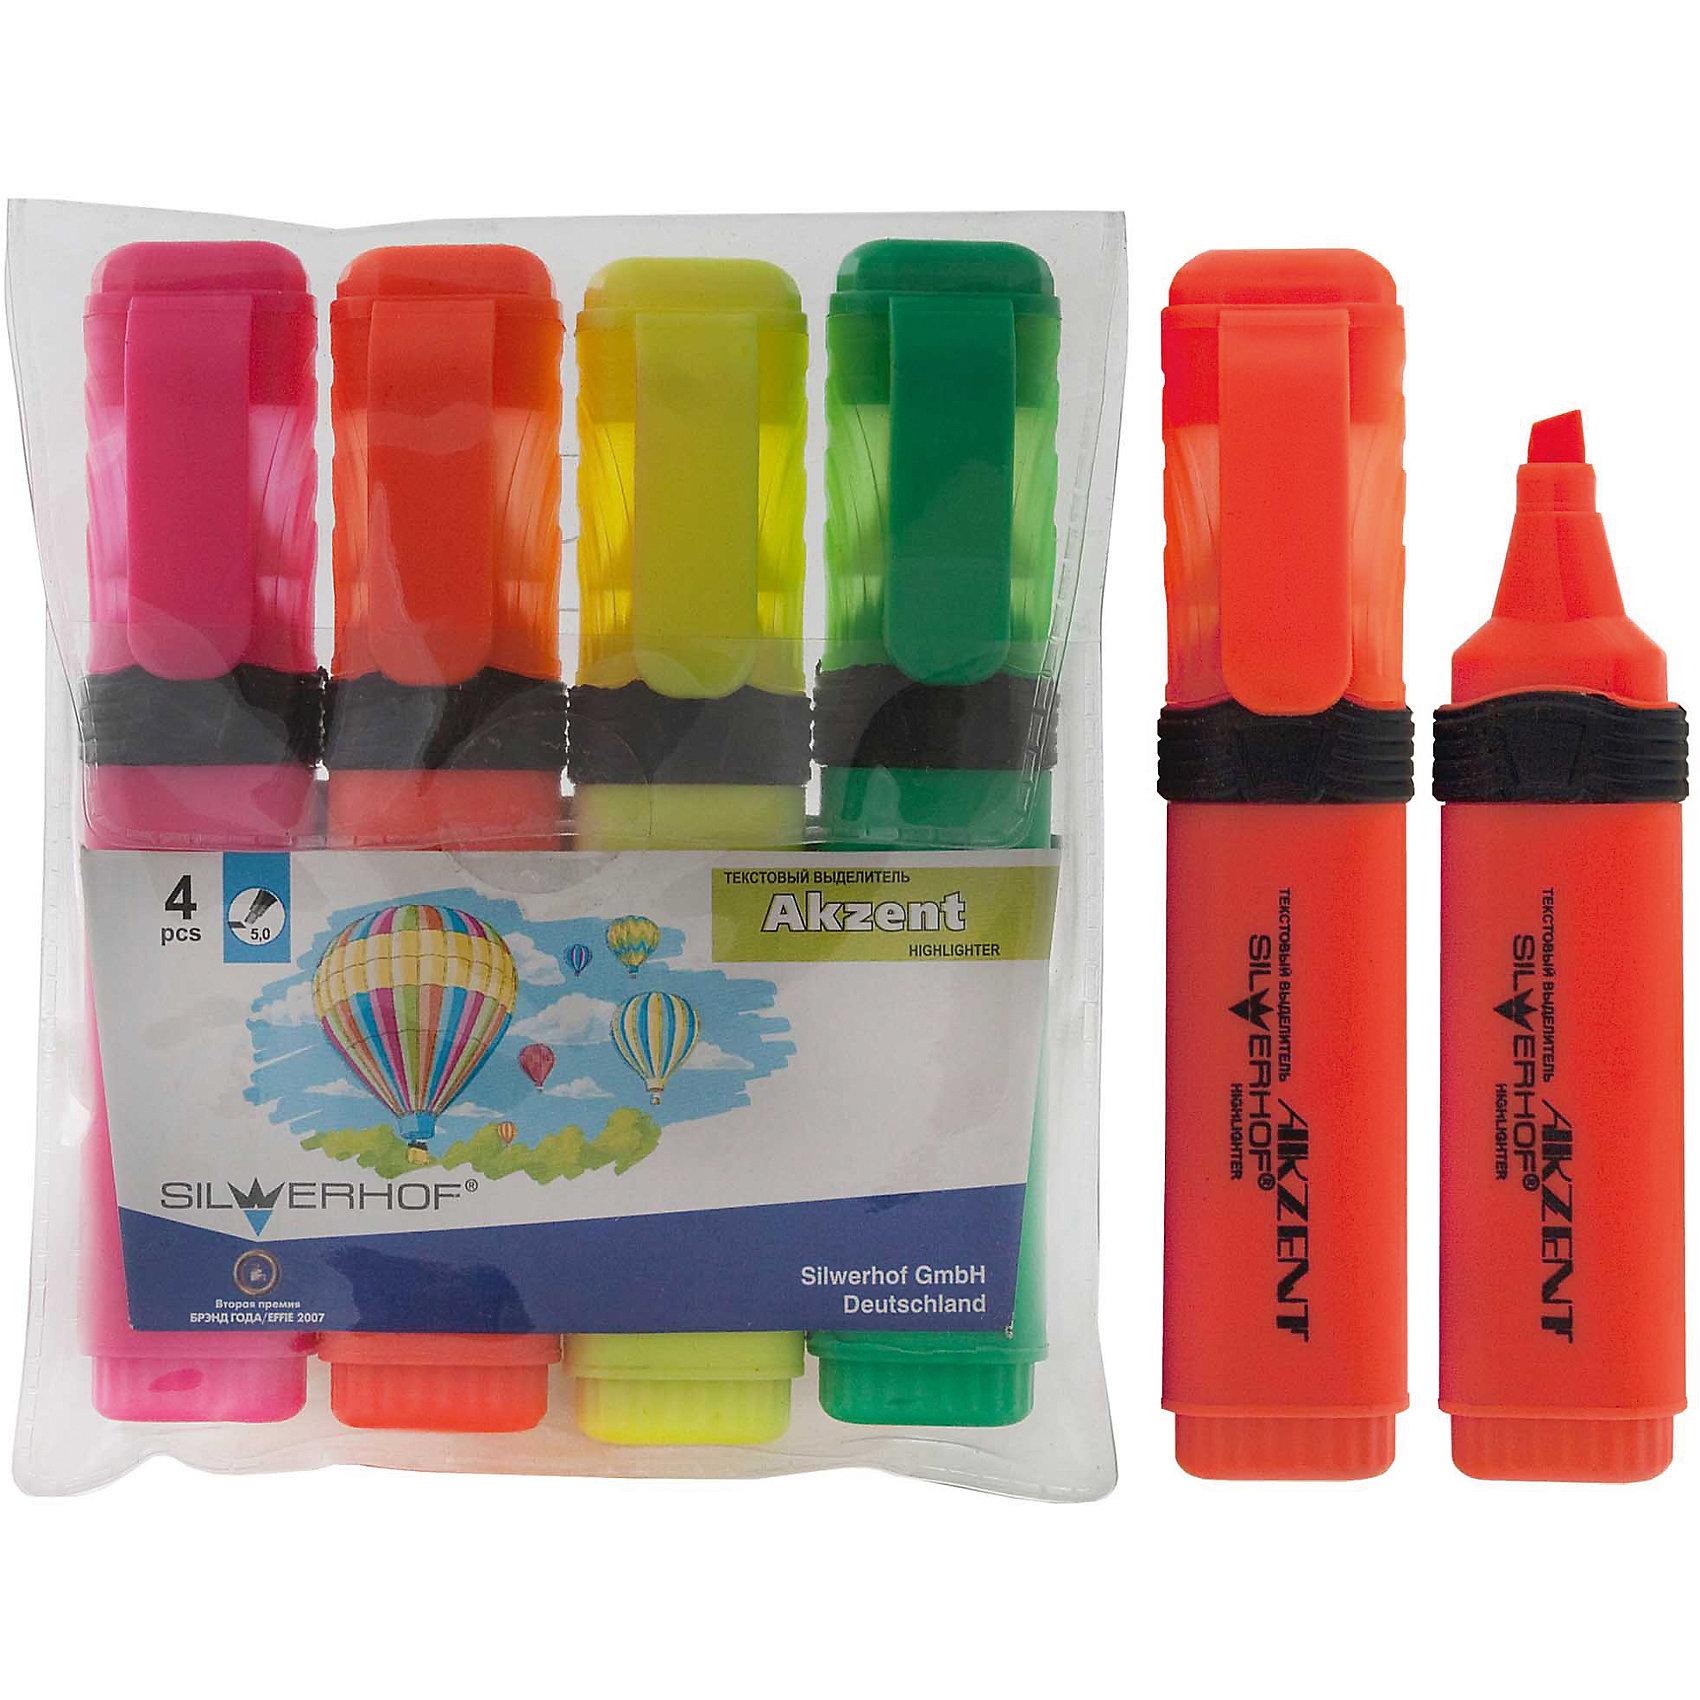 Текстовыделитель, набор 4цв, AKZENT, скошенный наконечникХарактеристики товара:<br><br>• материал: пластик<br>• комплектация: 4 шт желтый/зеленый/оранжевый/розовый<br>• скошенный наконечник 1,0-5,0 мм<br>• цветной колпачок с клипом<br>• прорезиненный корпус<br>• ПВХ упаковка<br>• страна бренда: Российская Федерация<br>• страна производства: Китай<br><br>Сделать работу для взрослого или учебу для ребенка интереснее и проще поможет этот набор цветных текстовыделитей! Ими не только гораздо веселее рисовать, чем обычным черным, такие текстовыделители помогут детям научиться выделять на разными цветами важные и второстепенные вещи, позволят делать яркие пометки, рисовать схемы и графики.<br>Текстовыделители качественно выполнены, сделаны из безопасных для детей материалов. Упаковка - удобная, в ней можно хранить текстовыделители. Письмо и рисование помогает детям лучше развить мелкую моторику, память, внимание, аккуратность и мышление.<br><br>Текстовыделитель, набор 4цв, EXPERT, скошенный наконечник, от бренда Silwerhof можно купить в нашем интернет-магазине.<br><br>Ширина мм: 120<br>Глубина мм: 100<br>Высота мм: 10<br>Вес г: 106<br>Возраст от месяцев: 36<br>Возраст до месяцев: 144<br>Пол: Унисекс<br>Возраст: Детский<br>SKU: 5020490